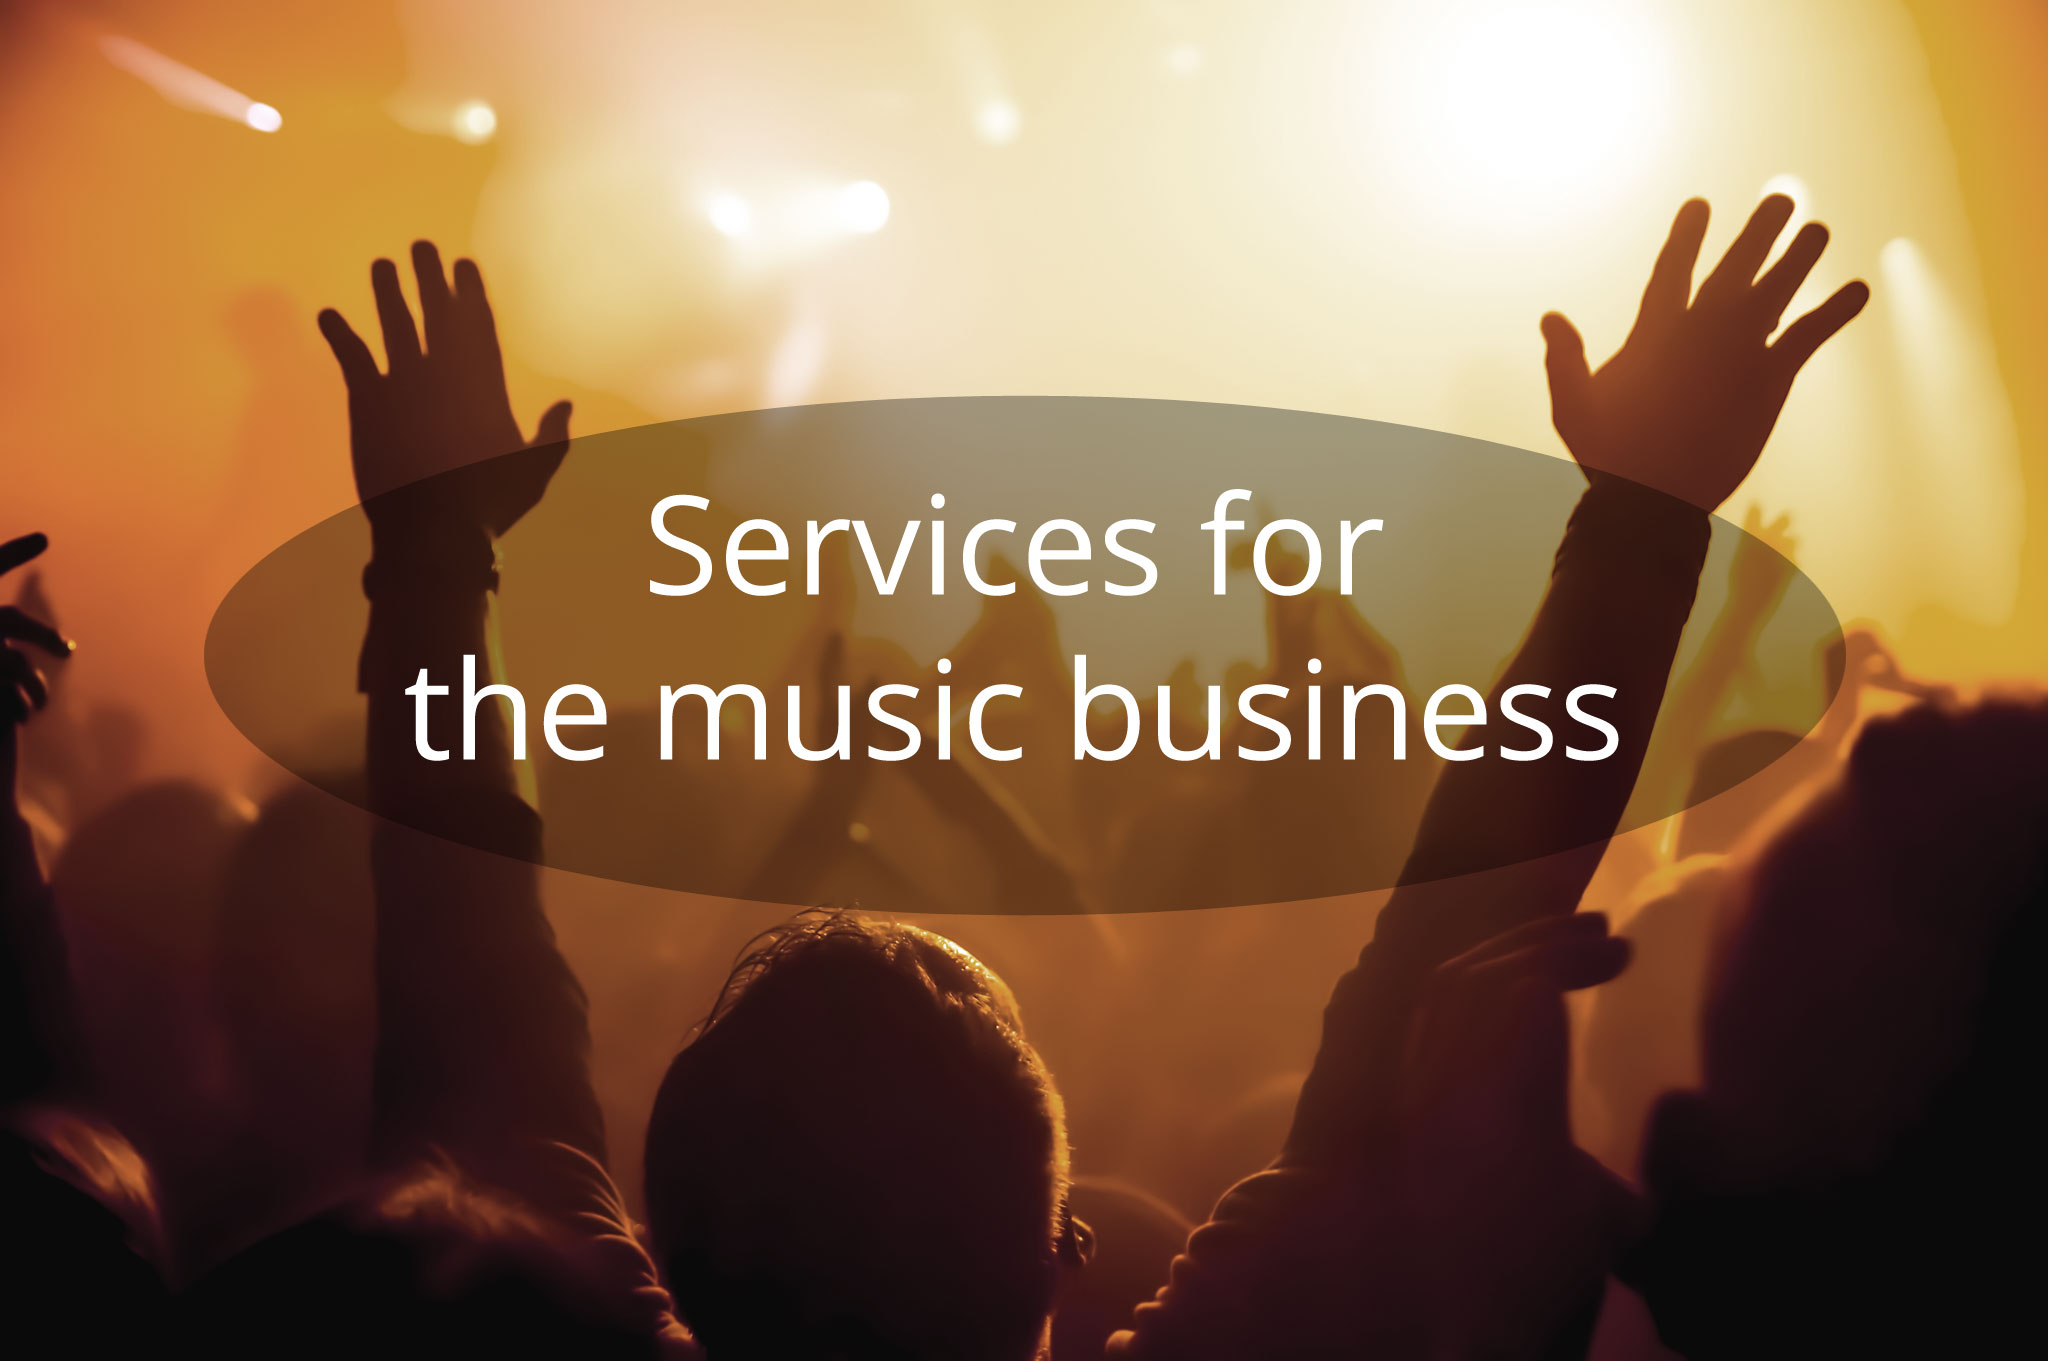 servicesformsuci.jpg